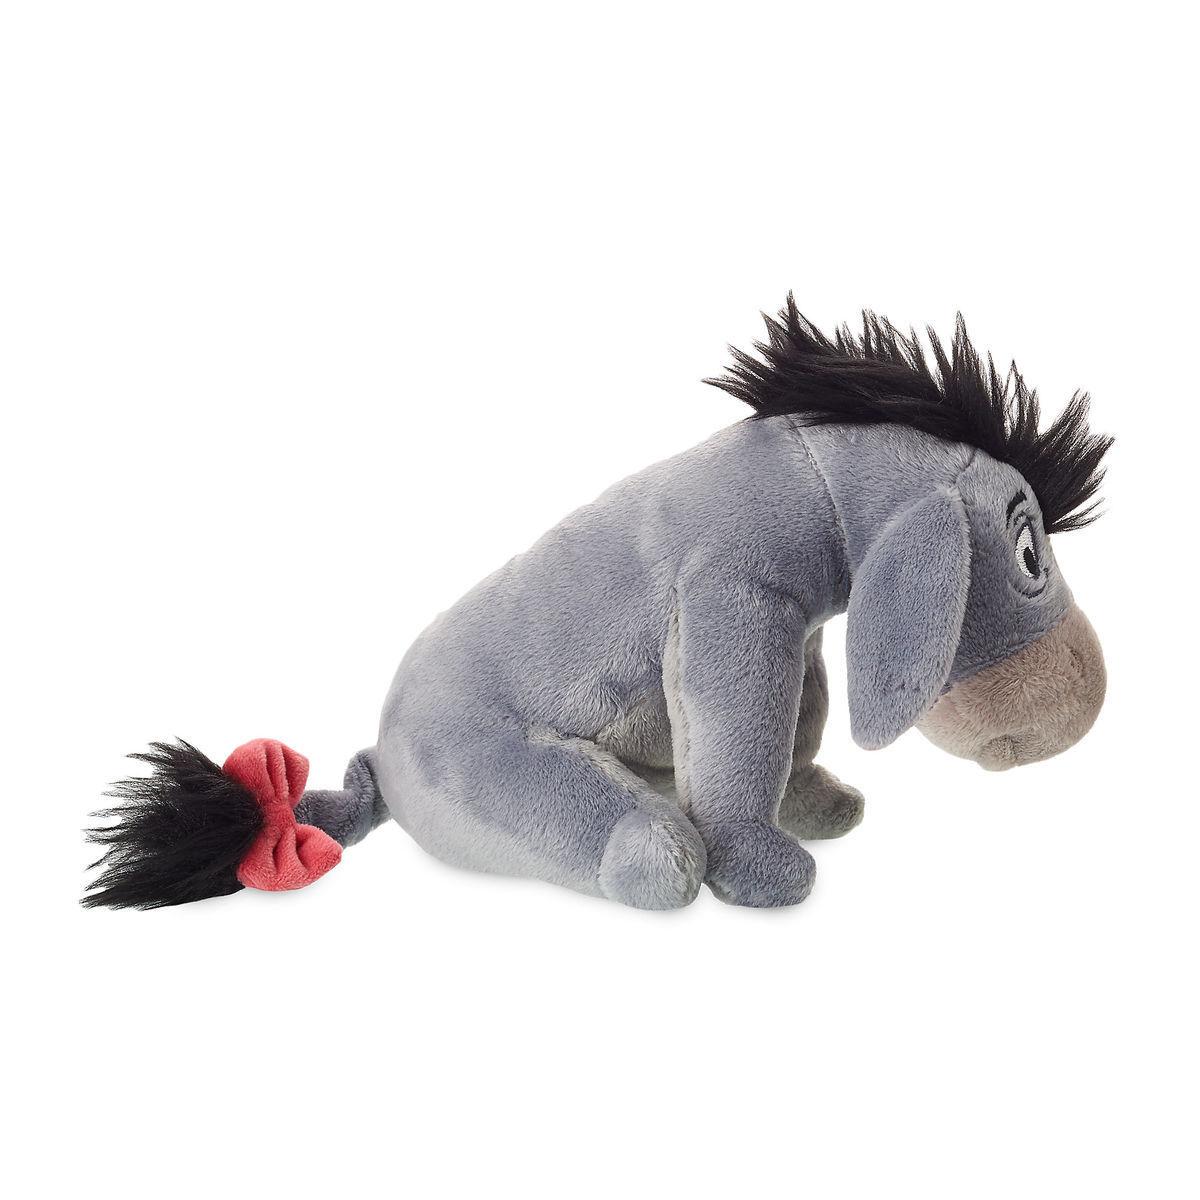 Мягкая игрушка Ослик Иа-Иа Дисней -13 см